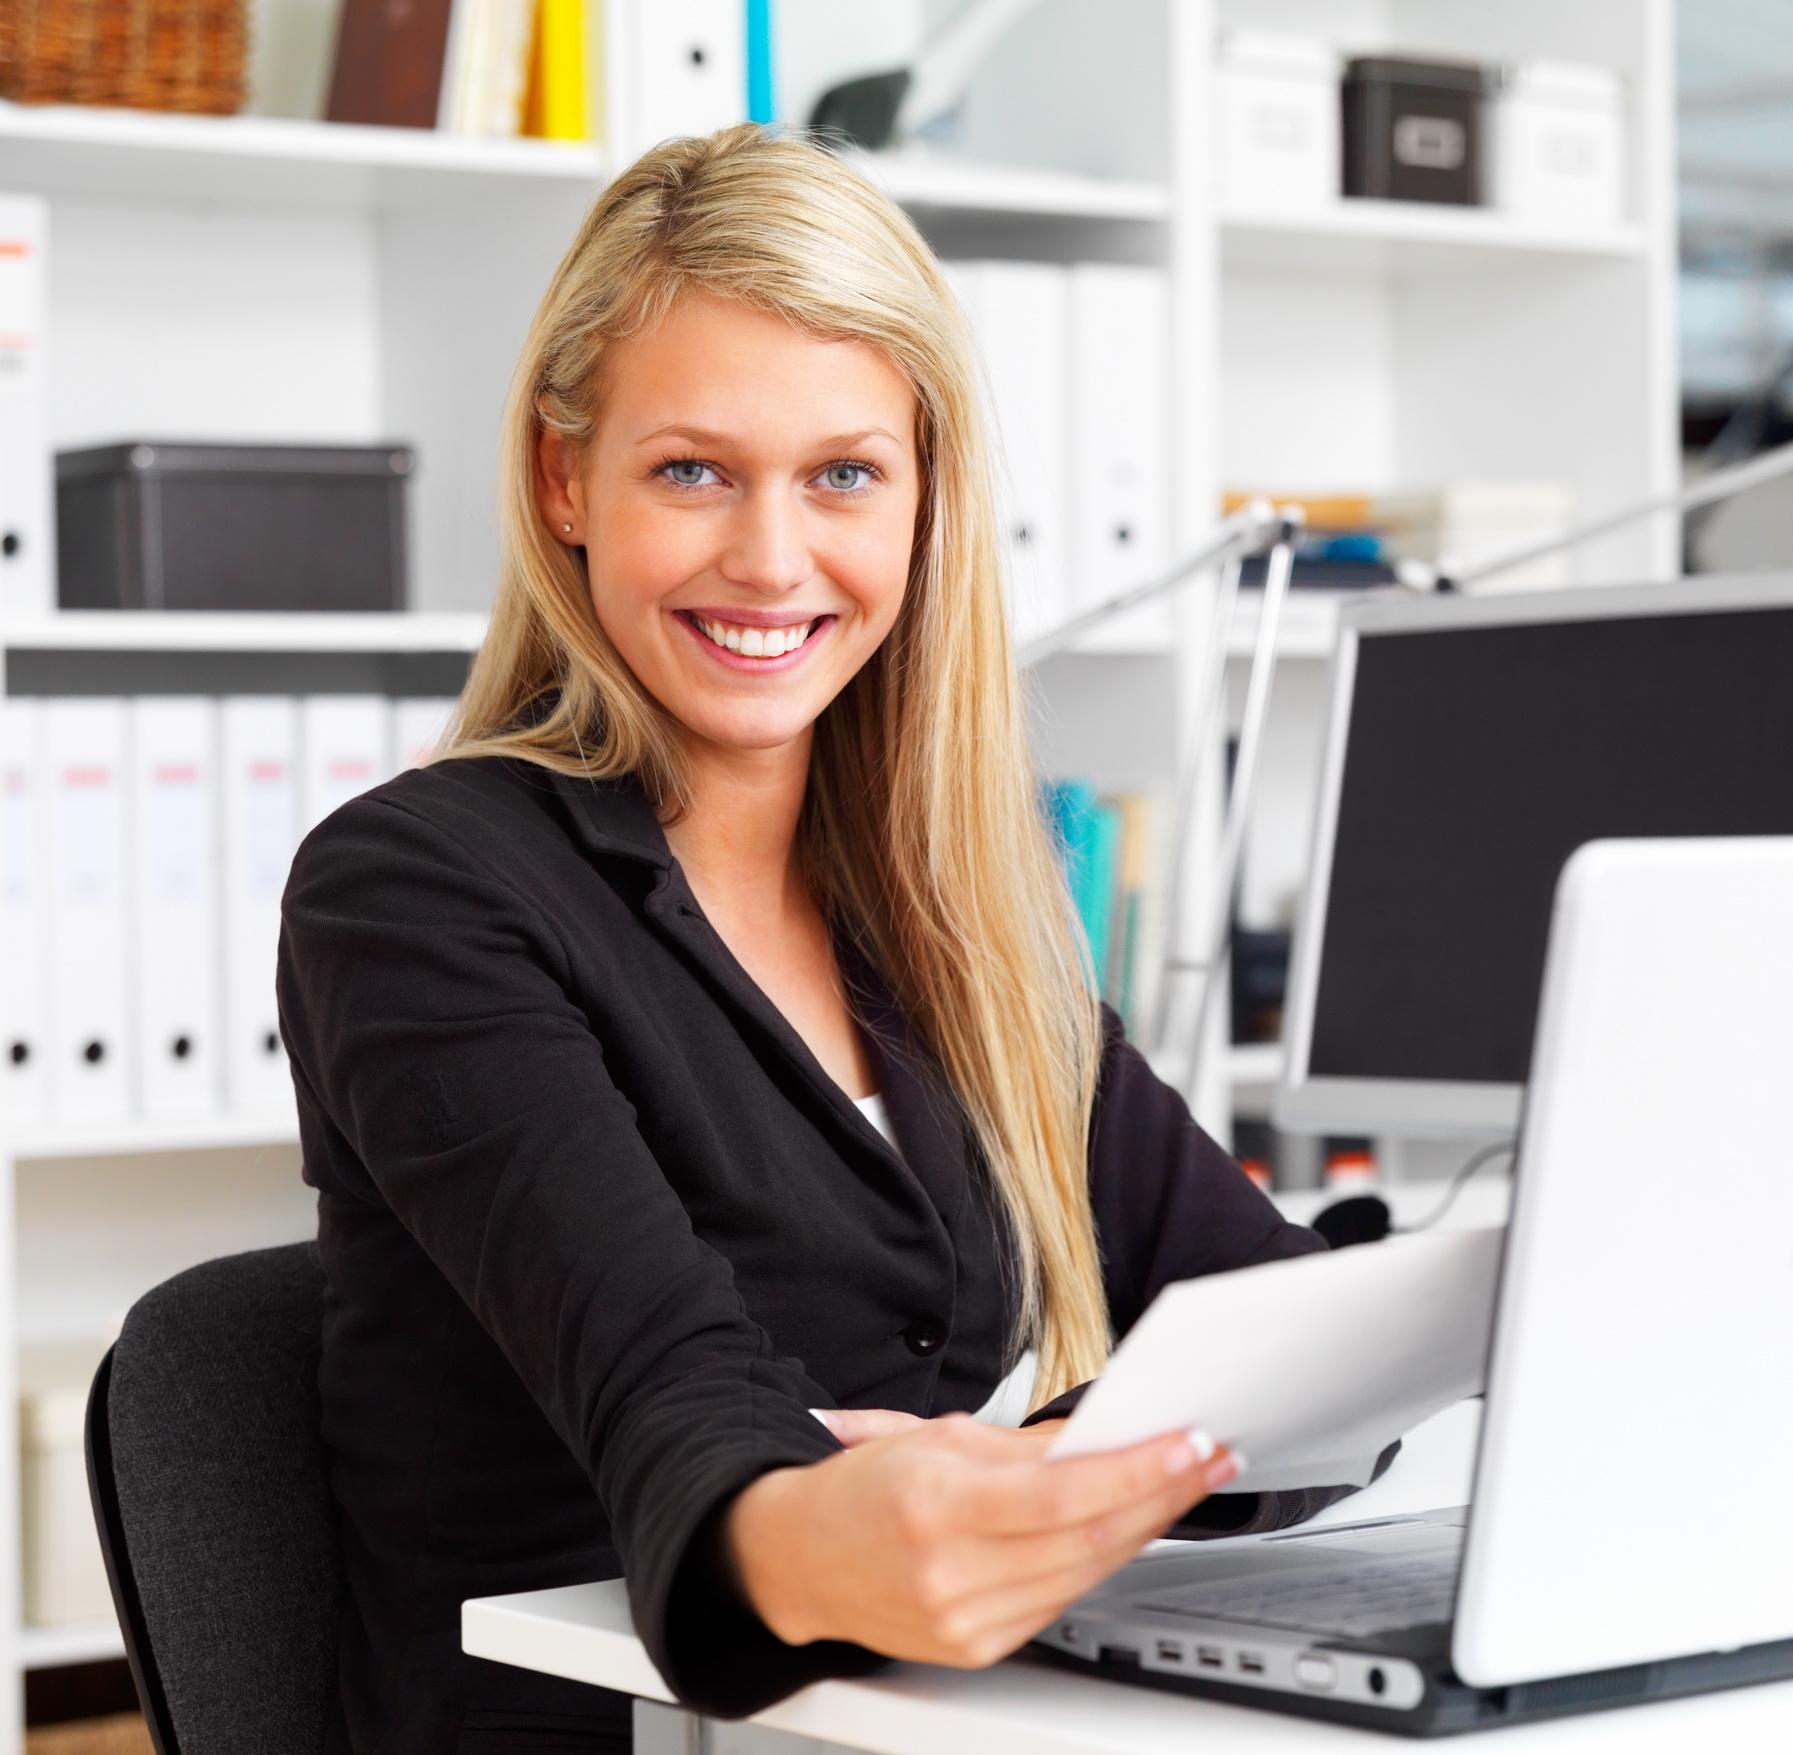 Работа бухгалтера в тюмени на дому акт оказанных услуг бухгалтера